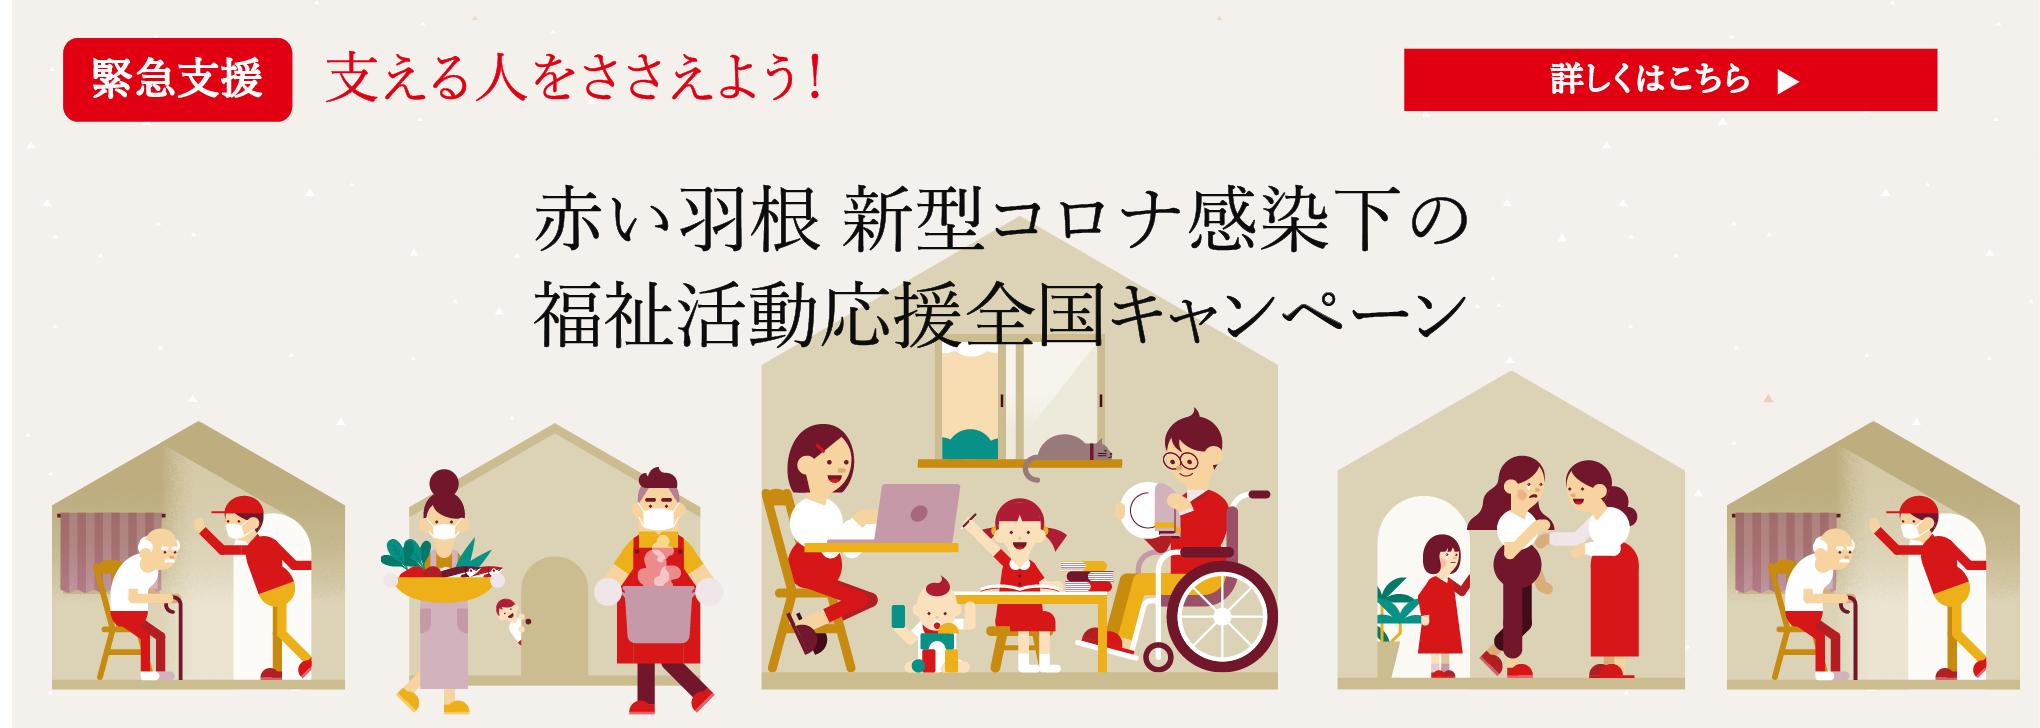 福祉活動応援全国キャンペーン(トップバナー)-01.png